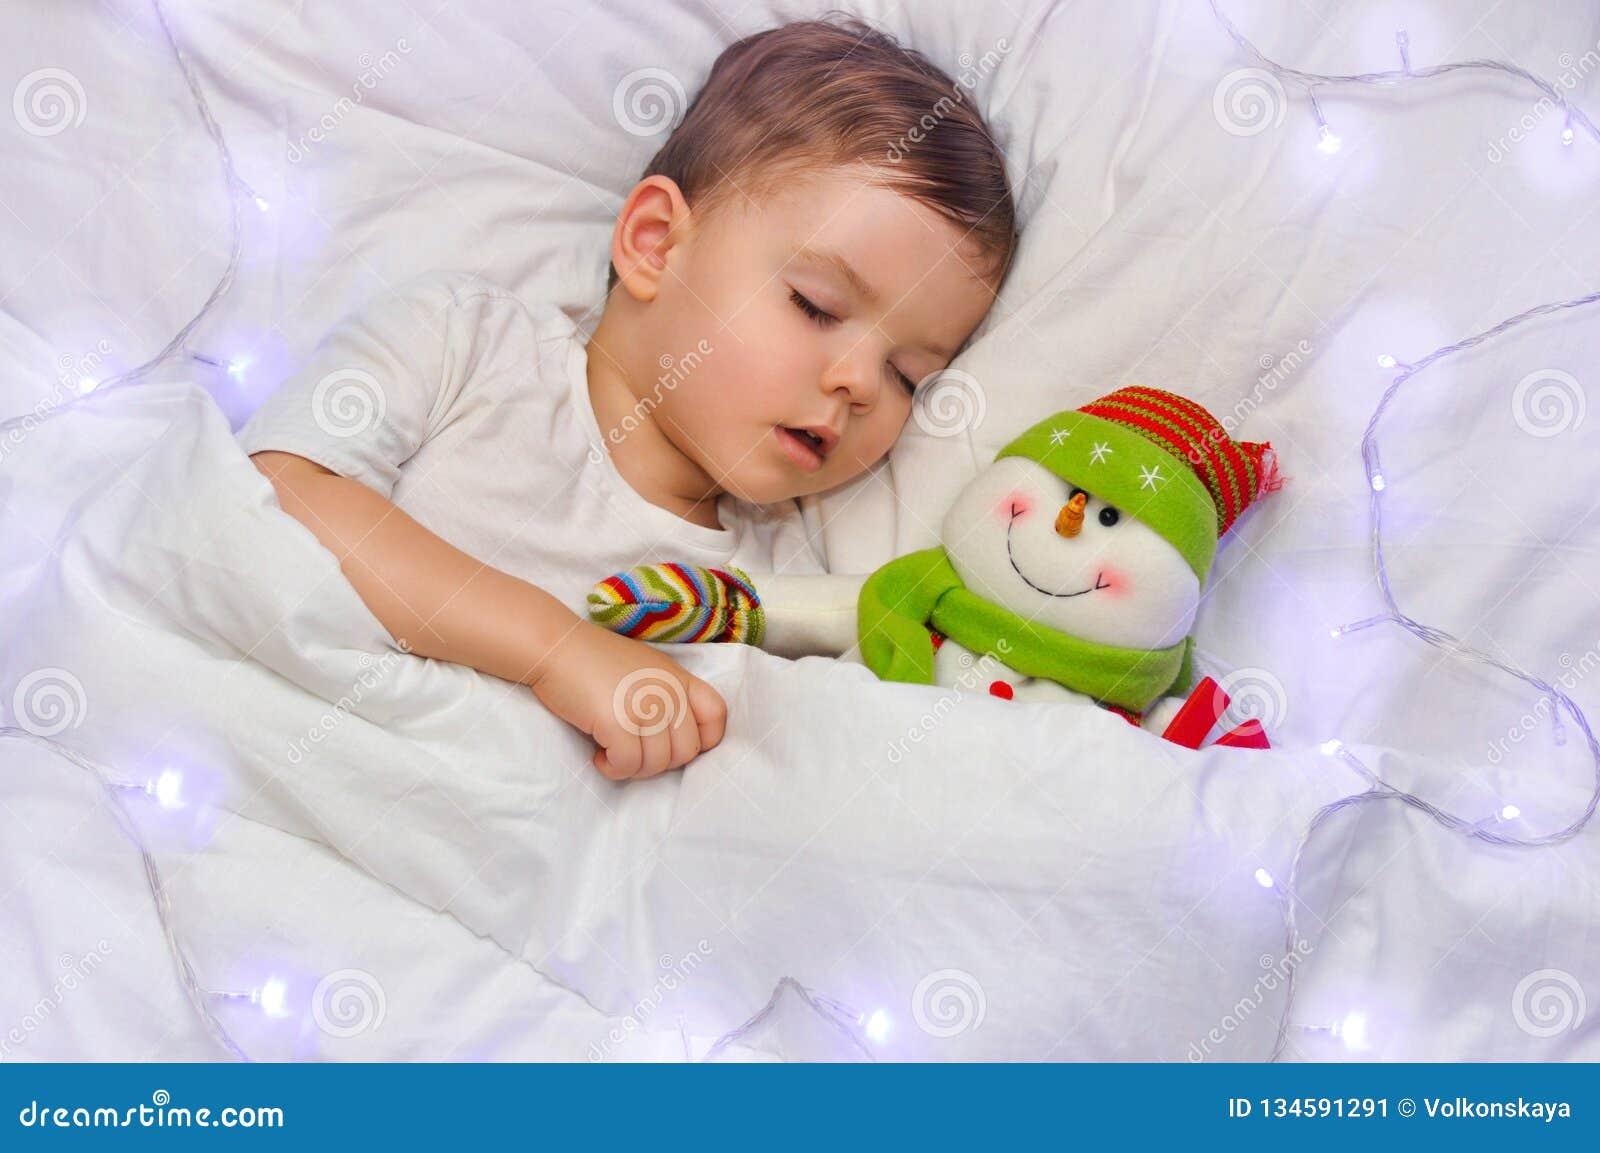 Śliczna berbeć chłopiec śpi na białej pościeli z jego ulubionym zabawkarskim bałwanem w błękitnych światłach girlanda